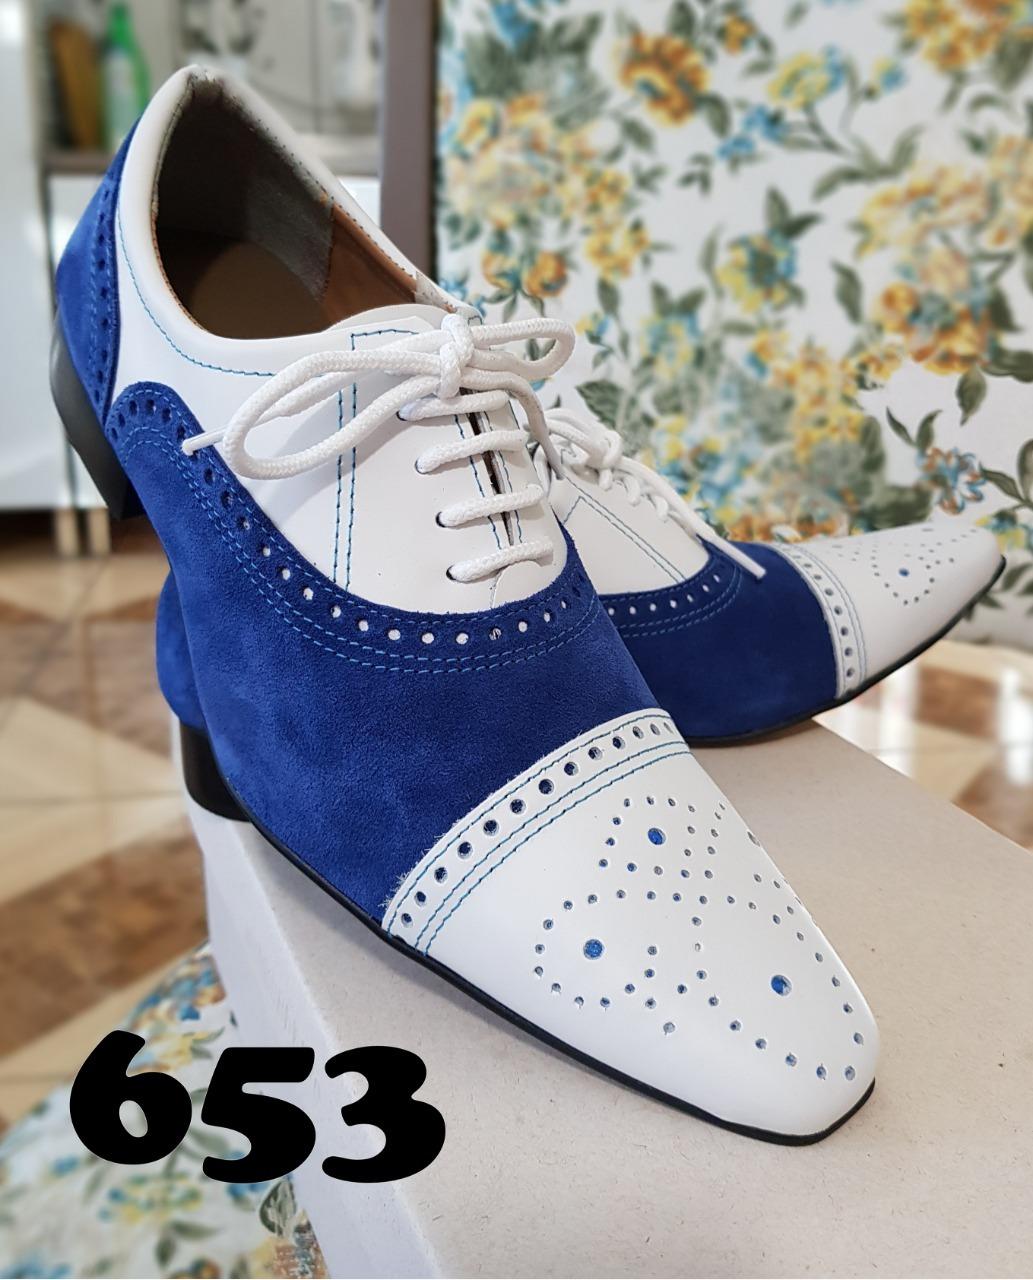 Sapatos masculinos branco com preto, vermelho, azul escuro, amarelo ou azul